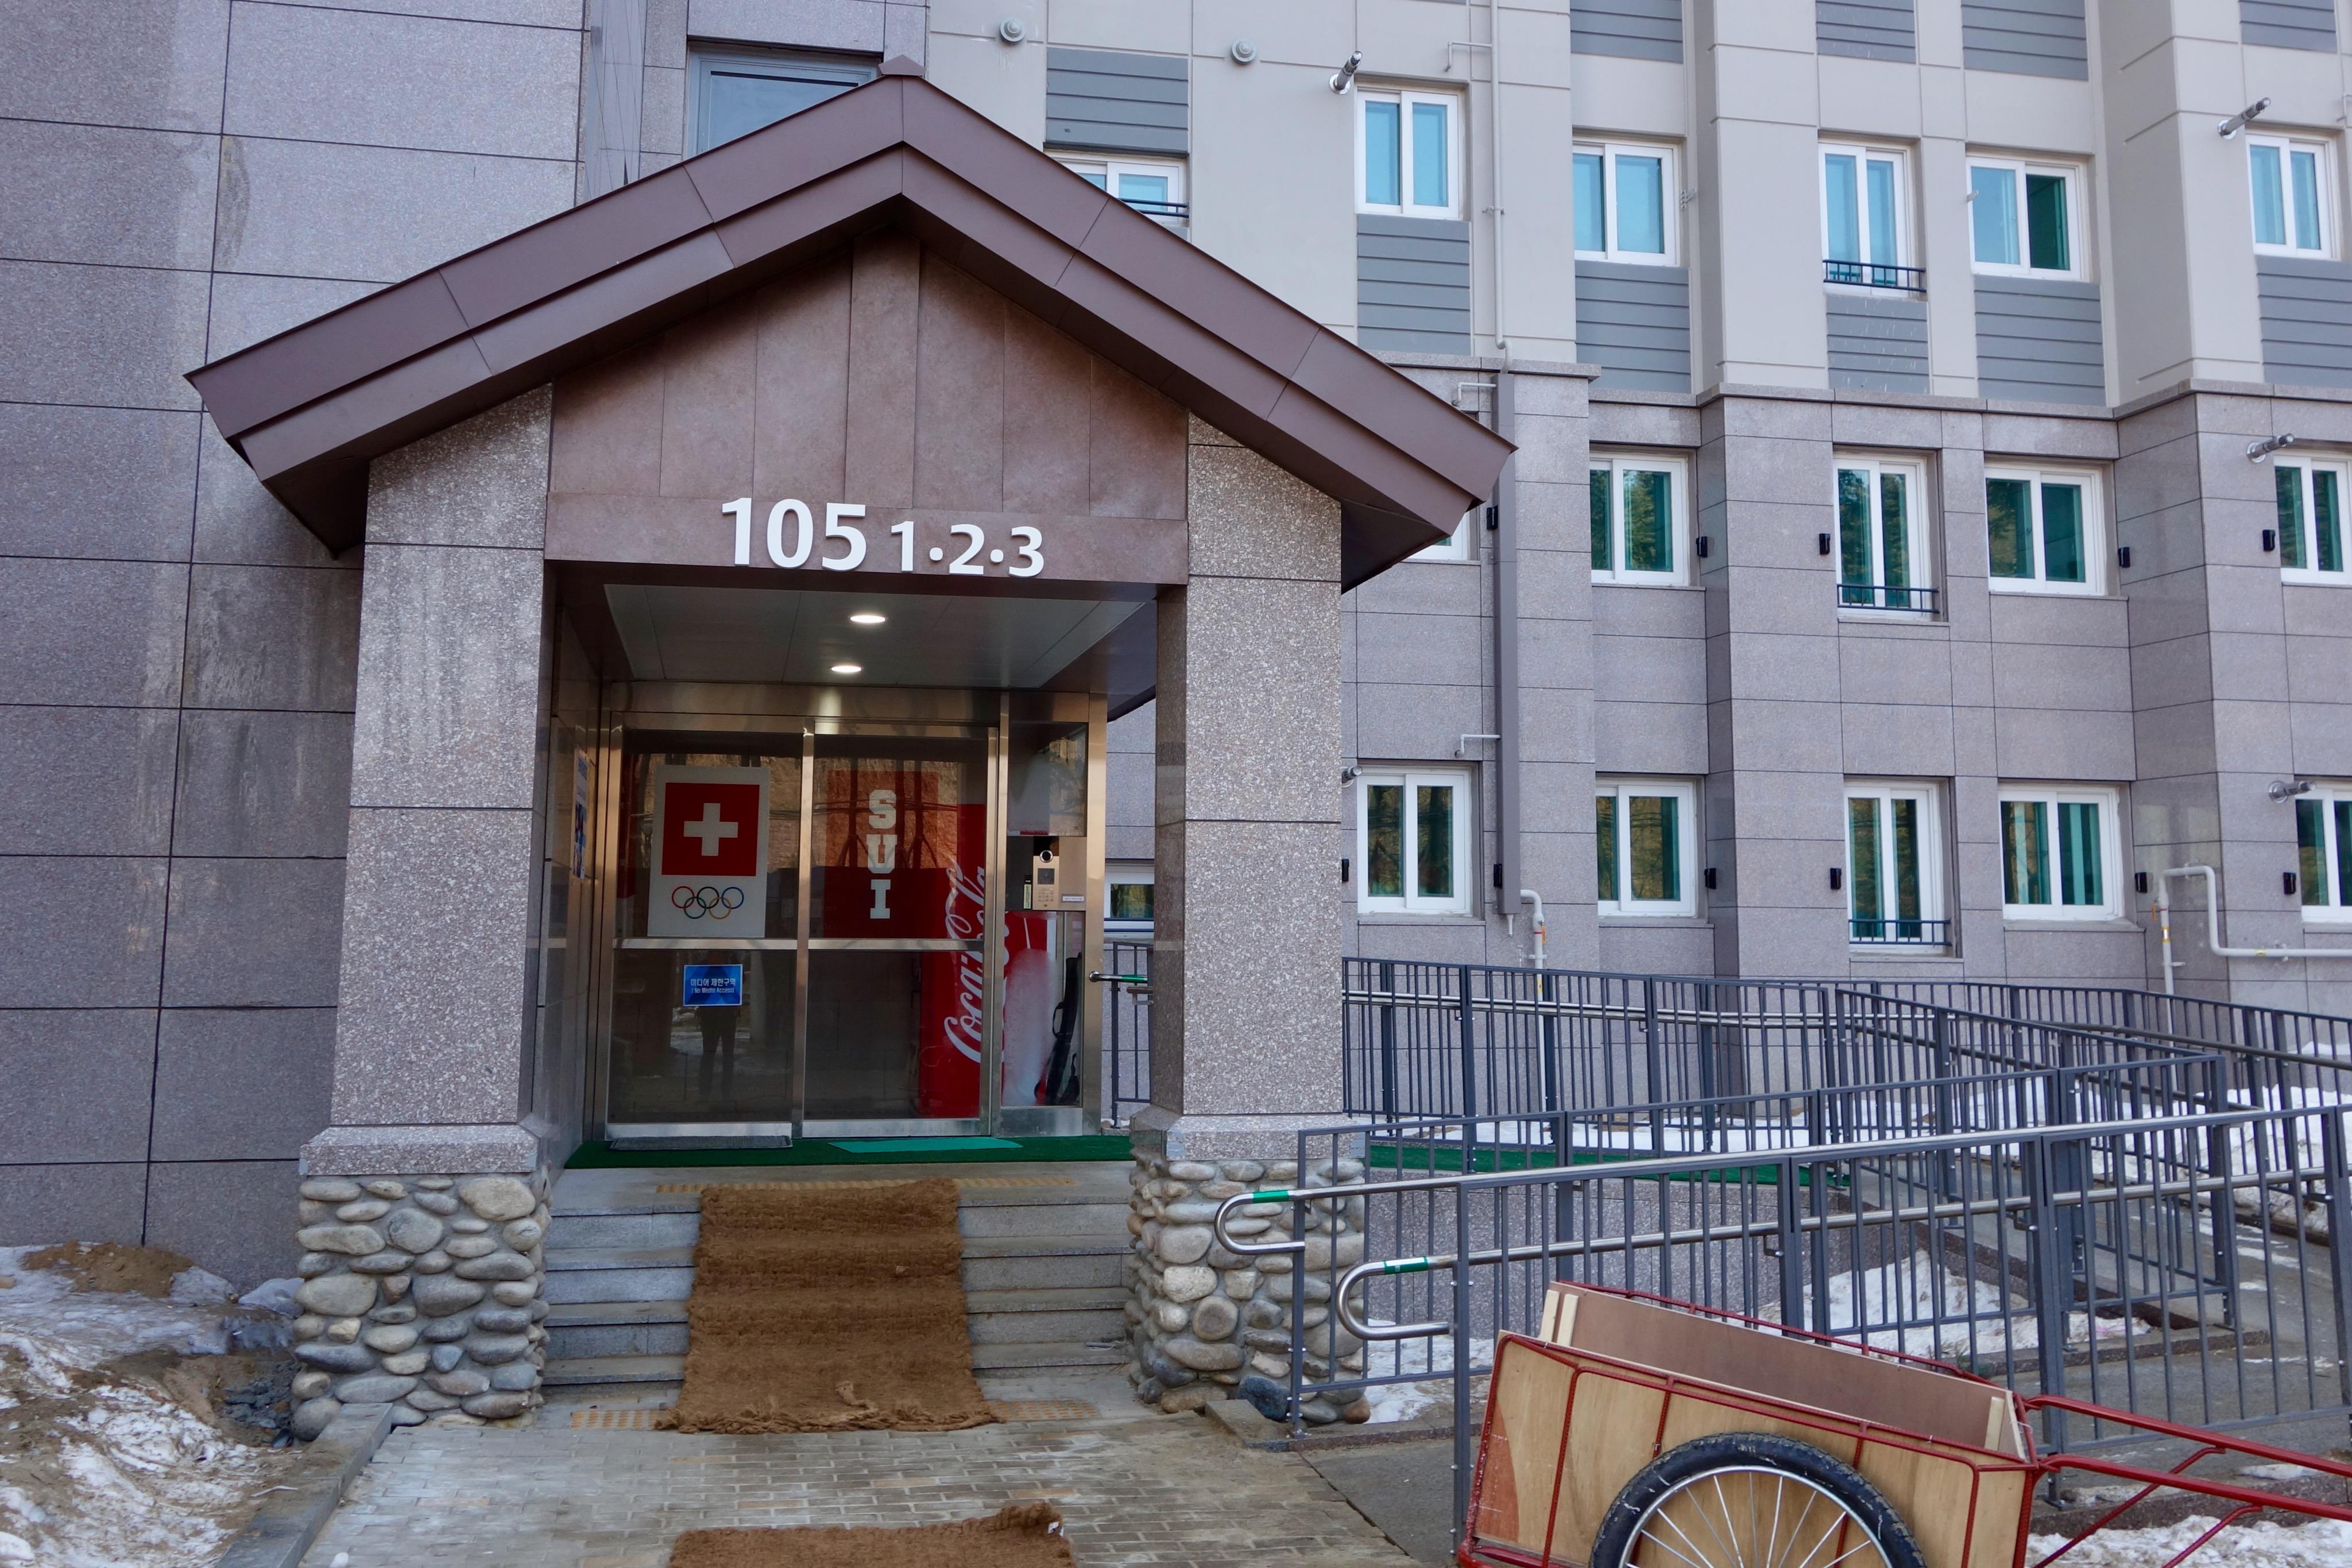 L'entrée de l'immeuble 105, celui des Suisses.